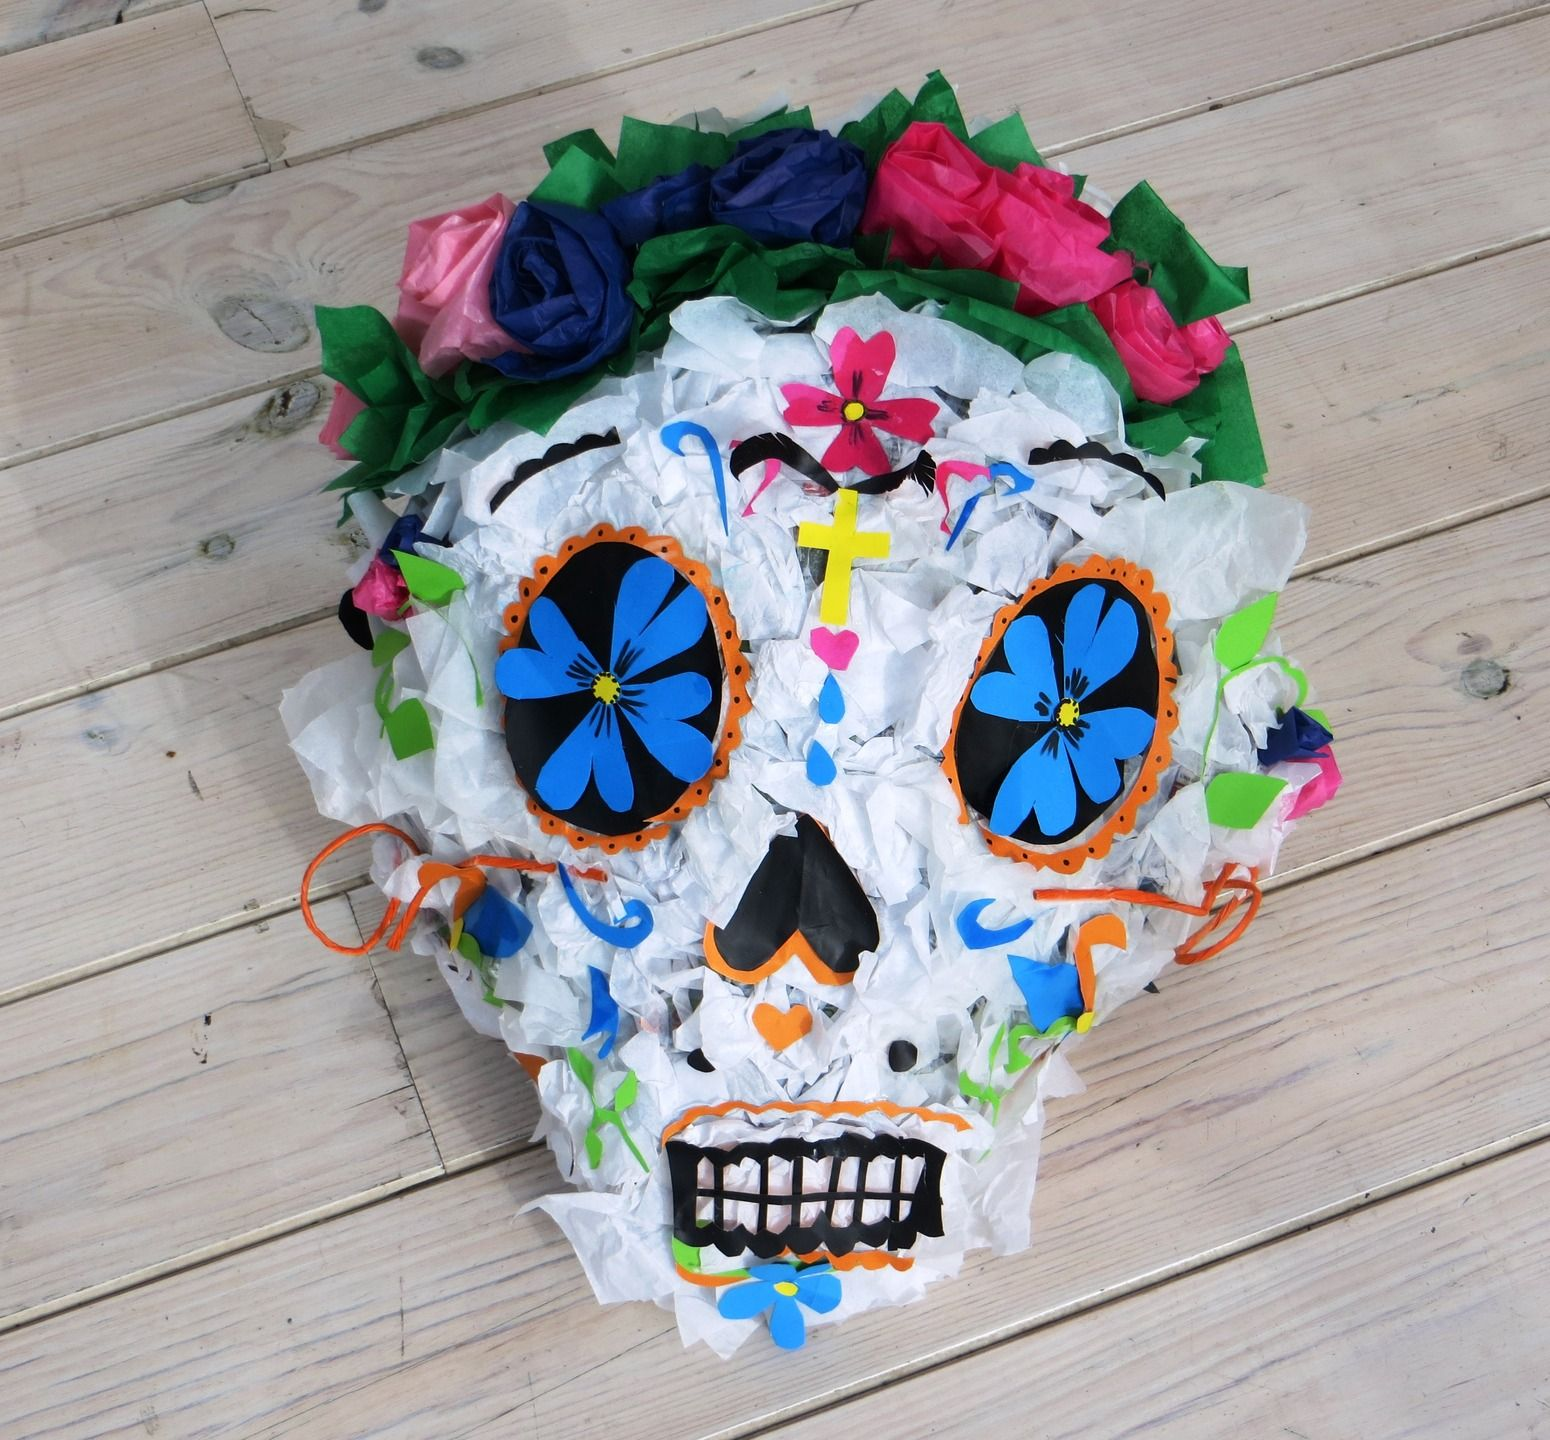 Épinglé sur fête de morts / Dia de muertos